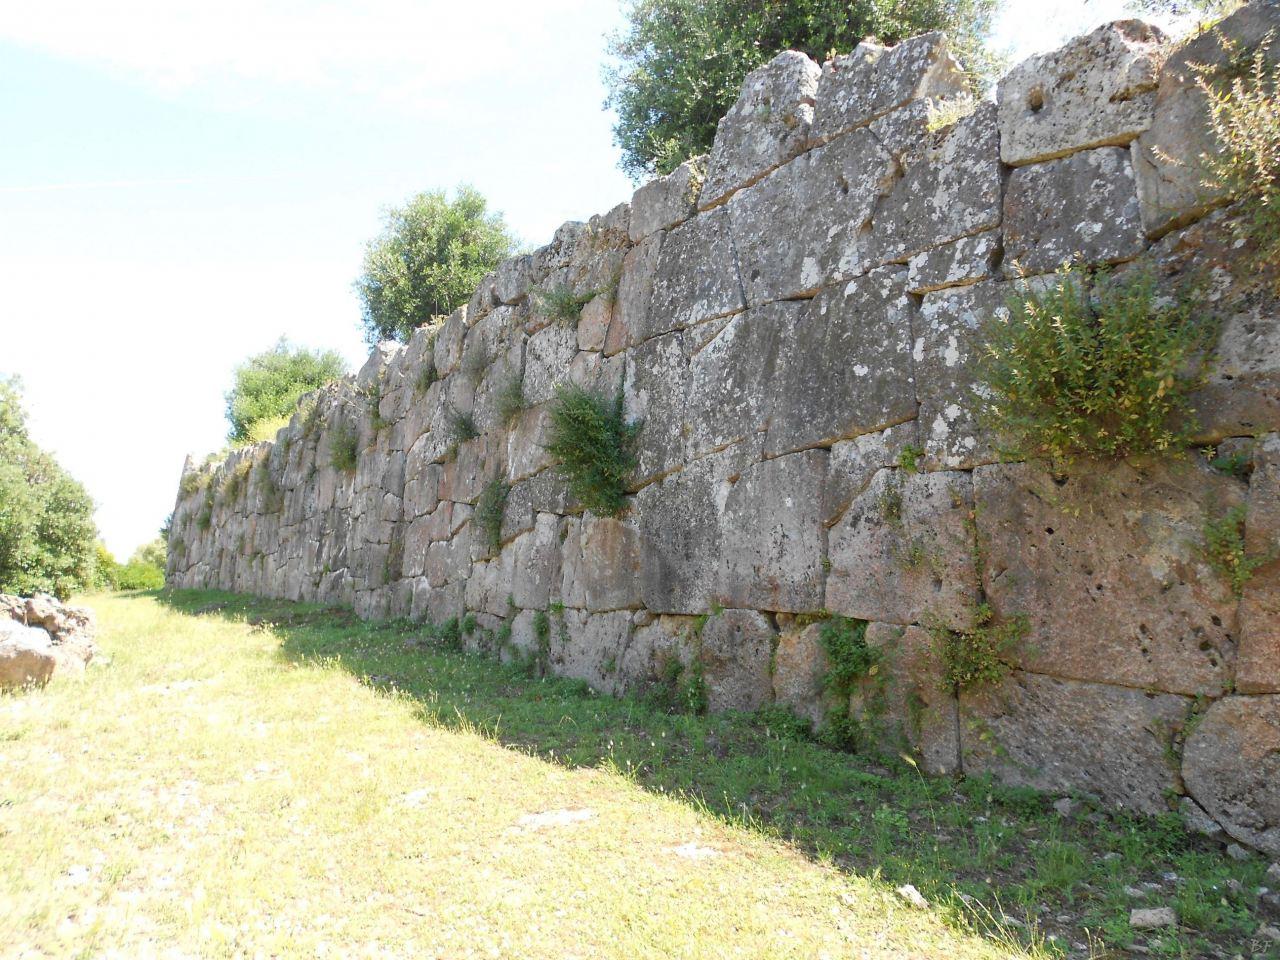 Cosa-Mura-Megalitiche-Ansedonia-Grosseto-Toscana-Italia-17